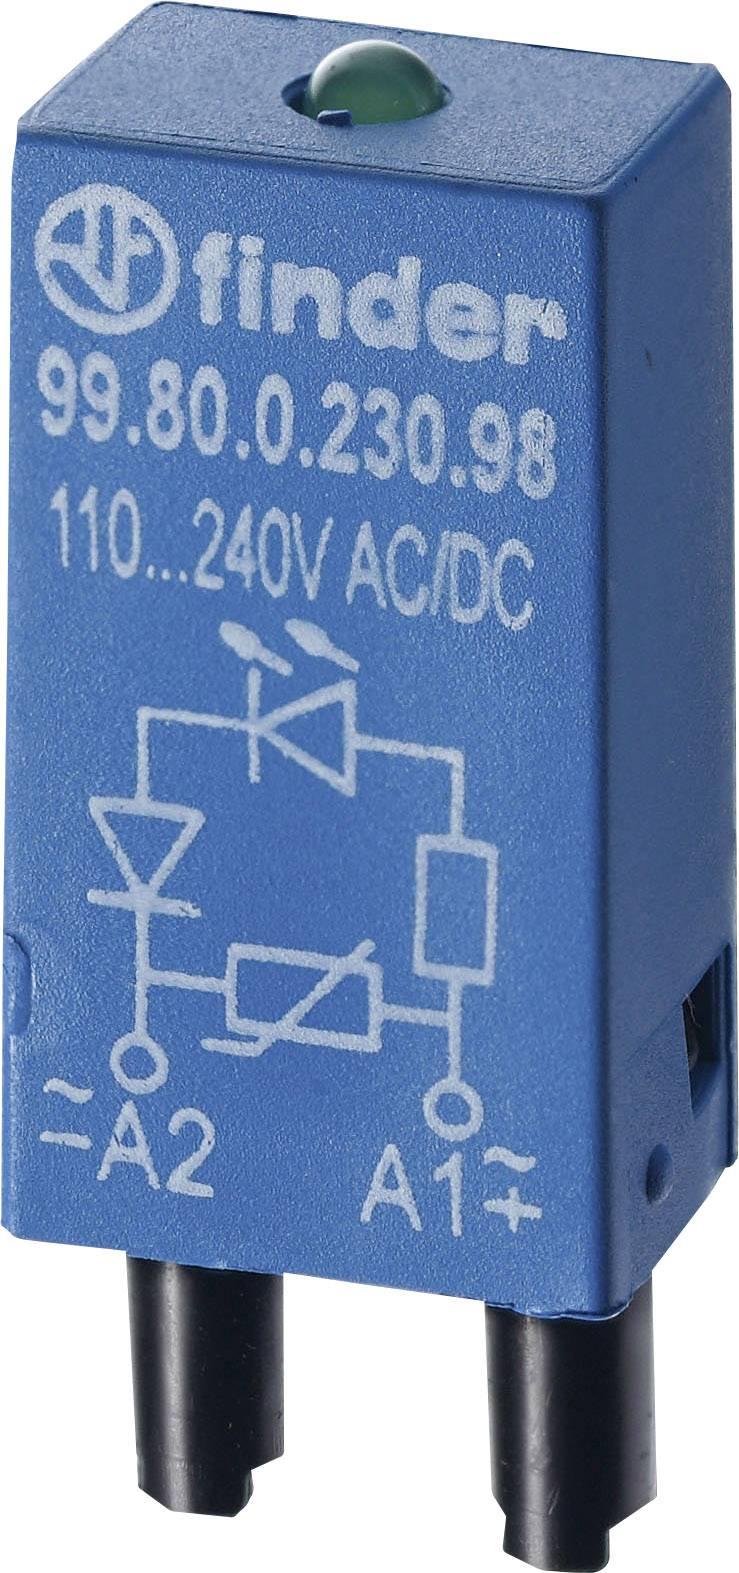 Zasouvací modul s diodou s LED diodou Finder 99.80.0.024.98 Barva světla: zelená